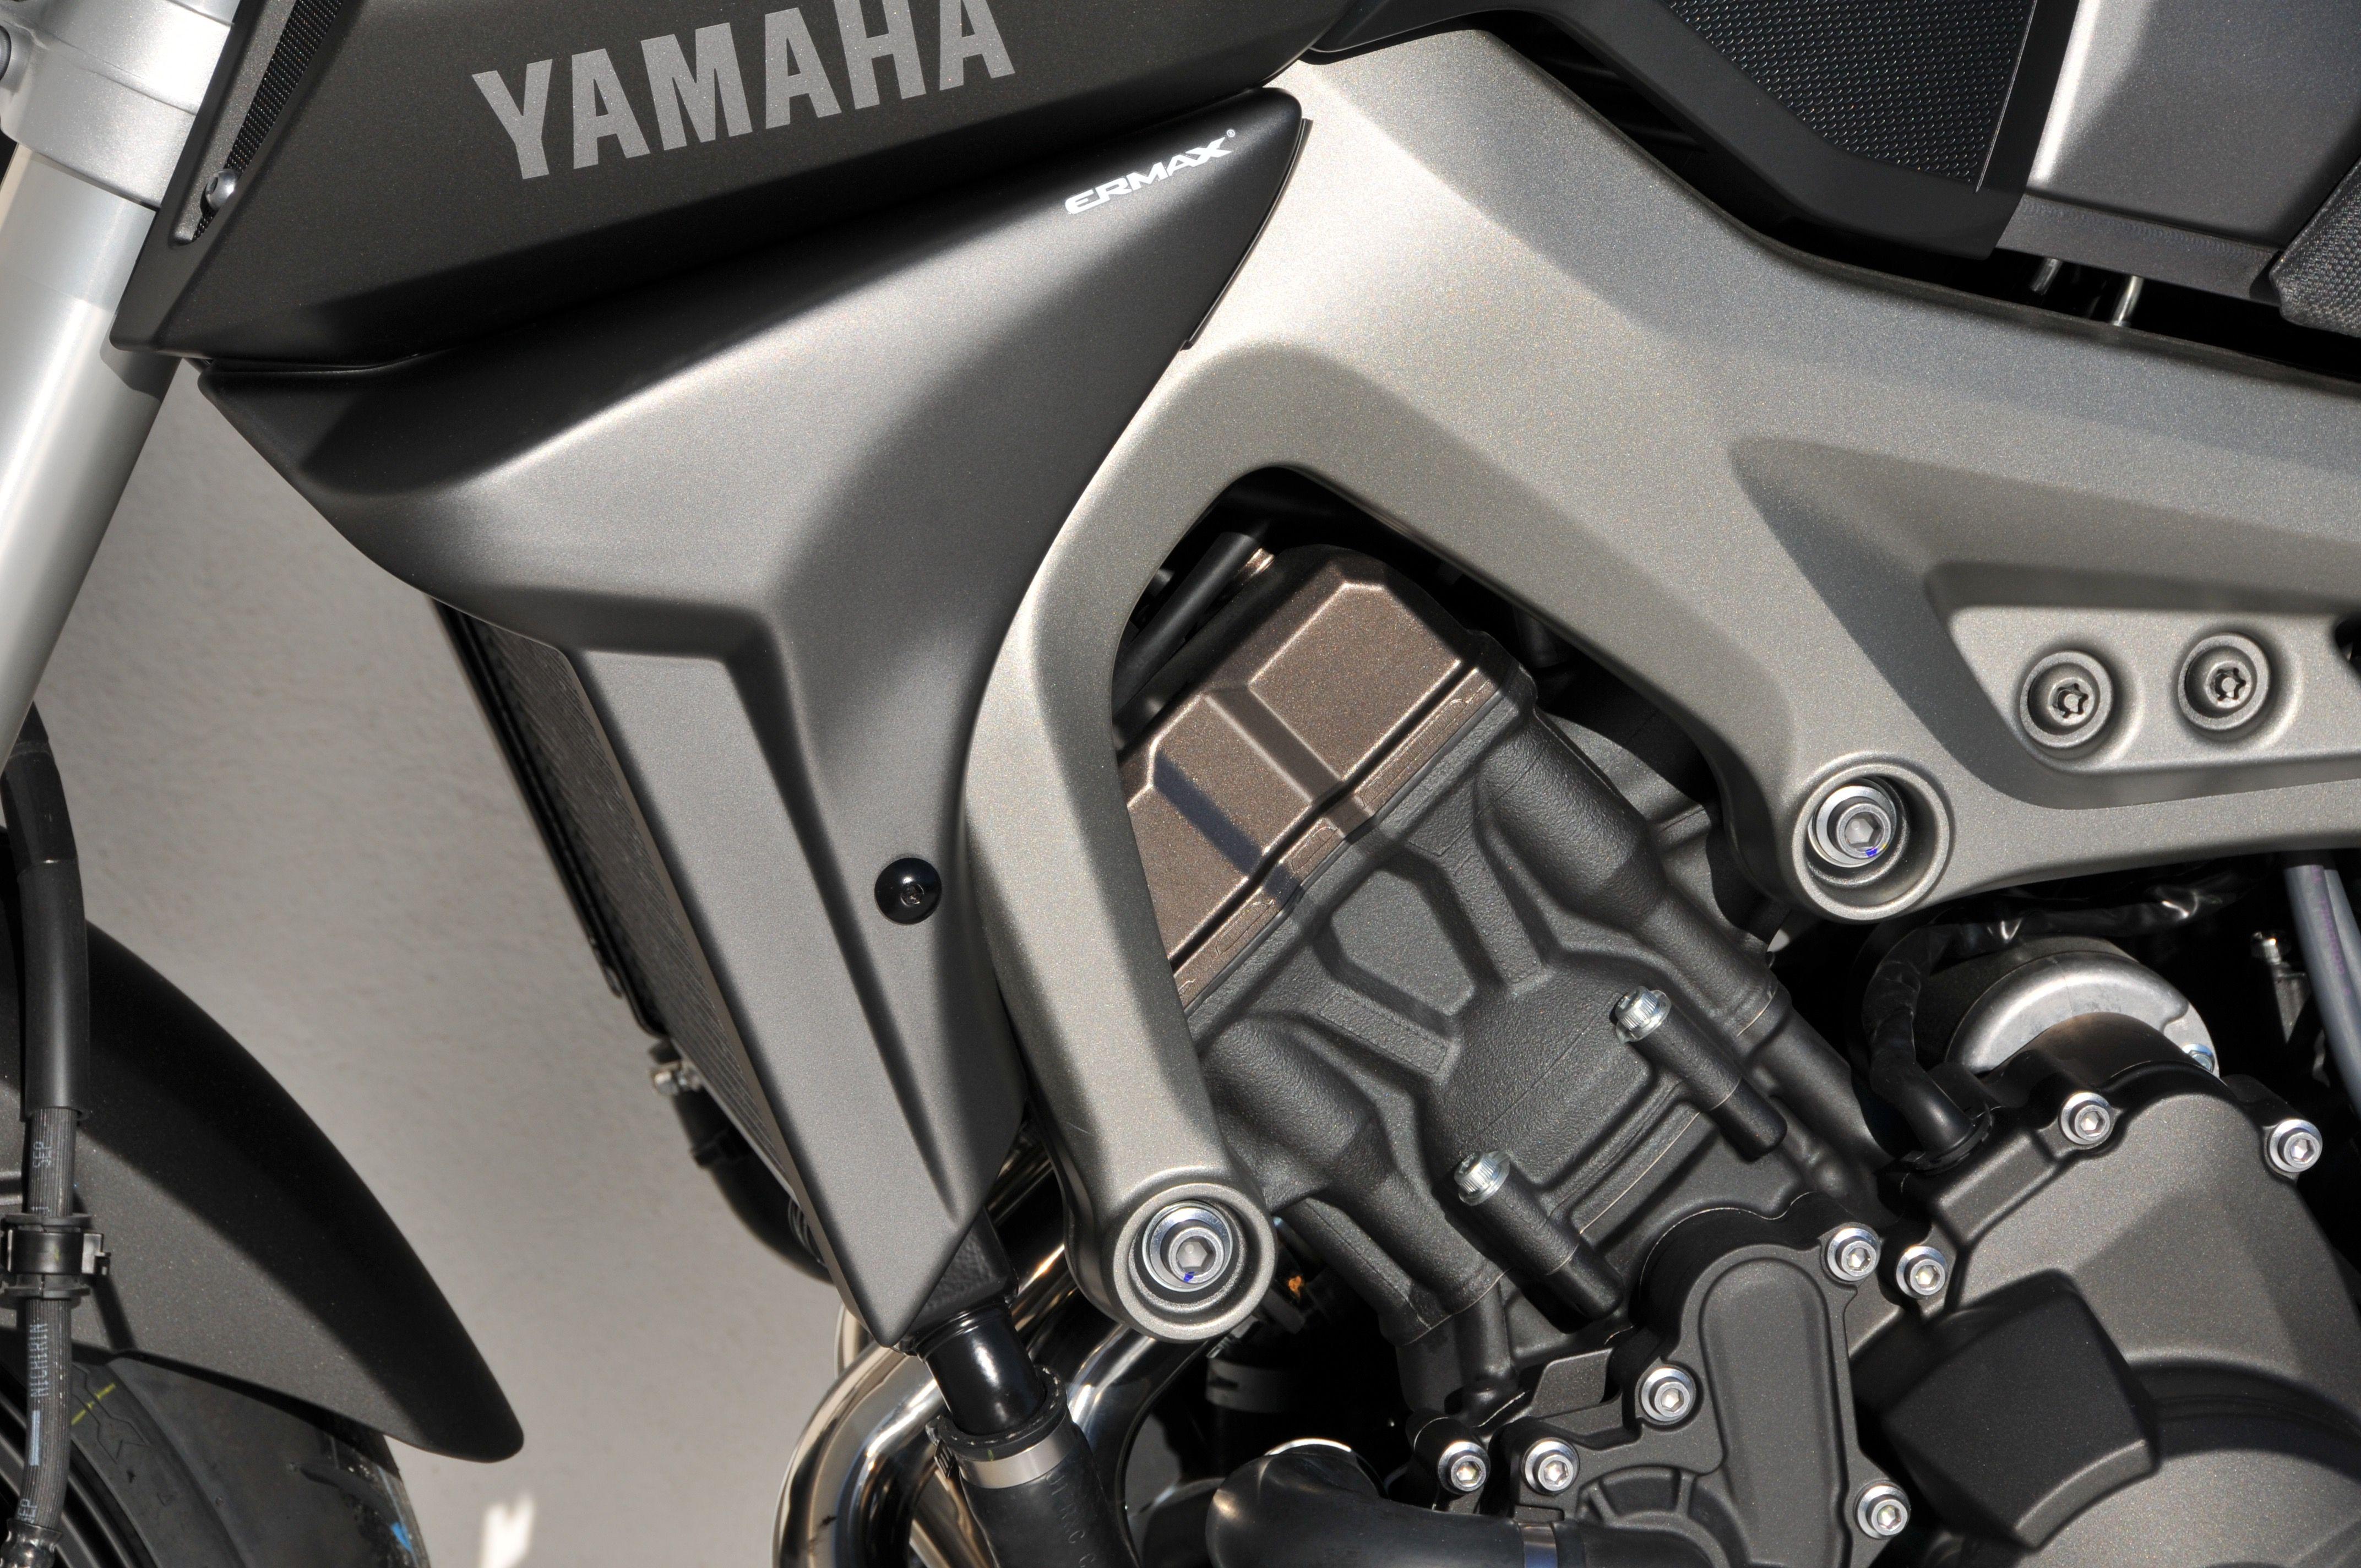 Moto yamaha scrambler cars motorcycles bobber forward mt09 yamaha - 2015